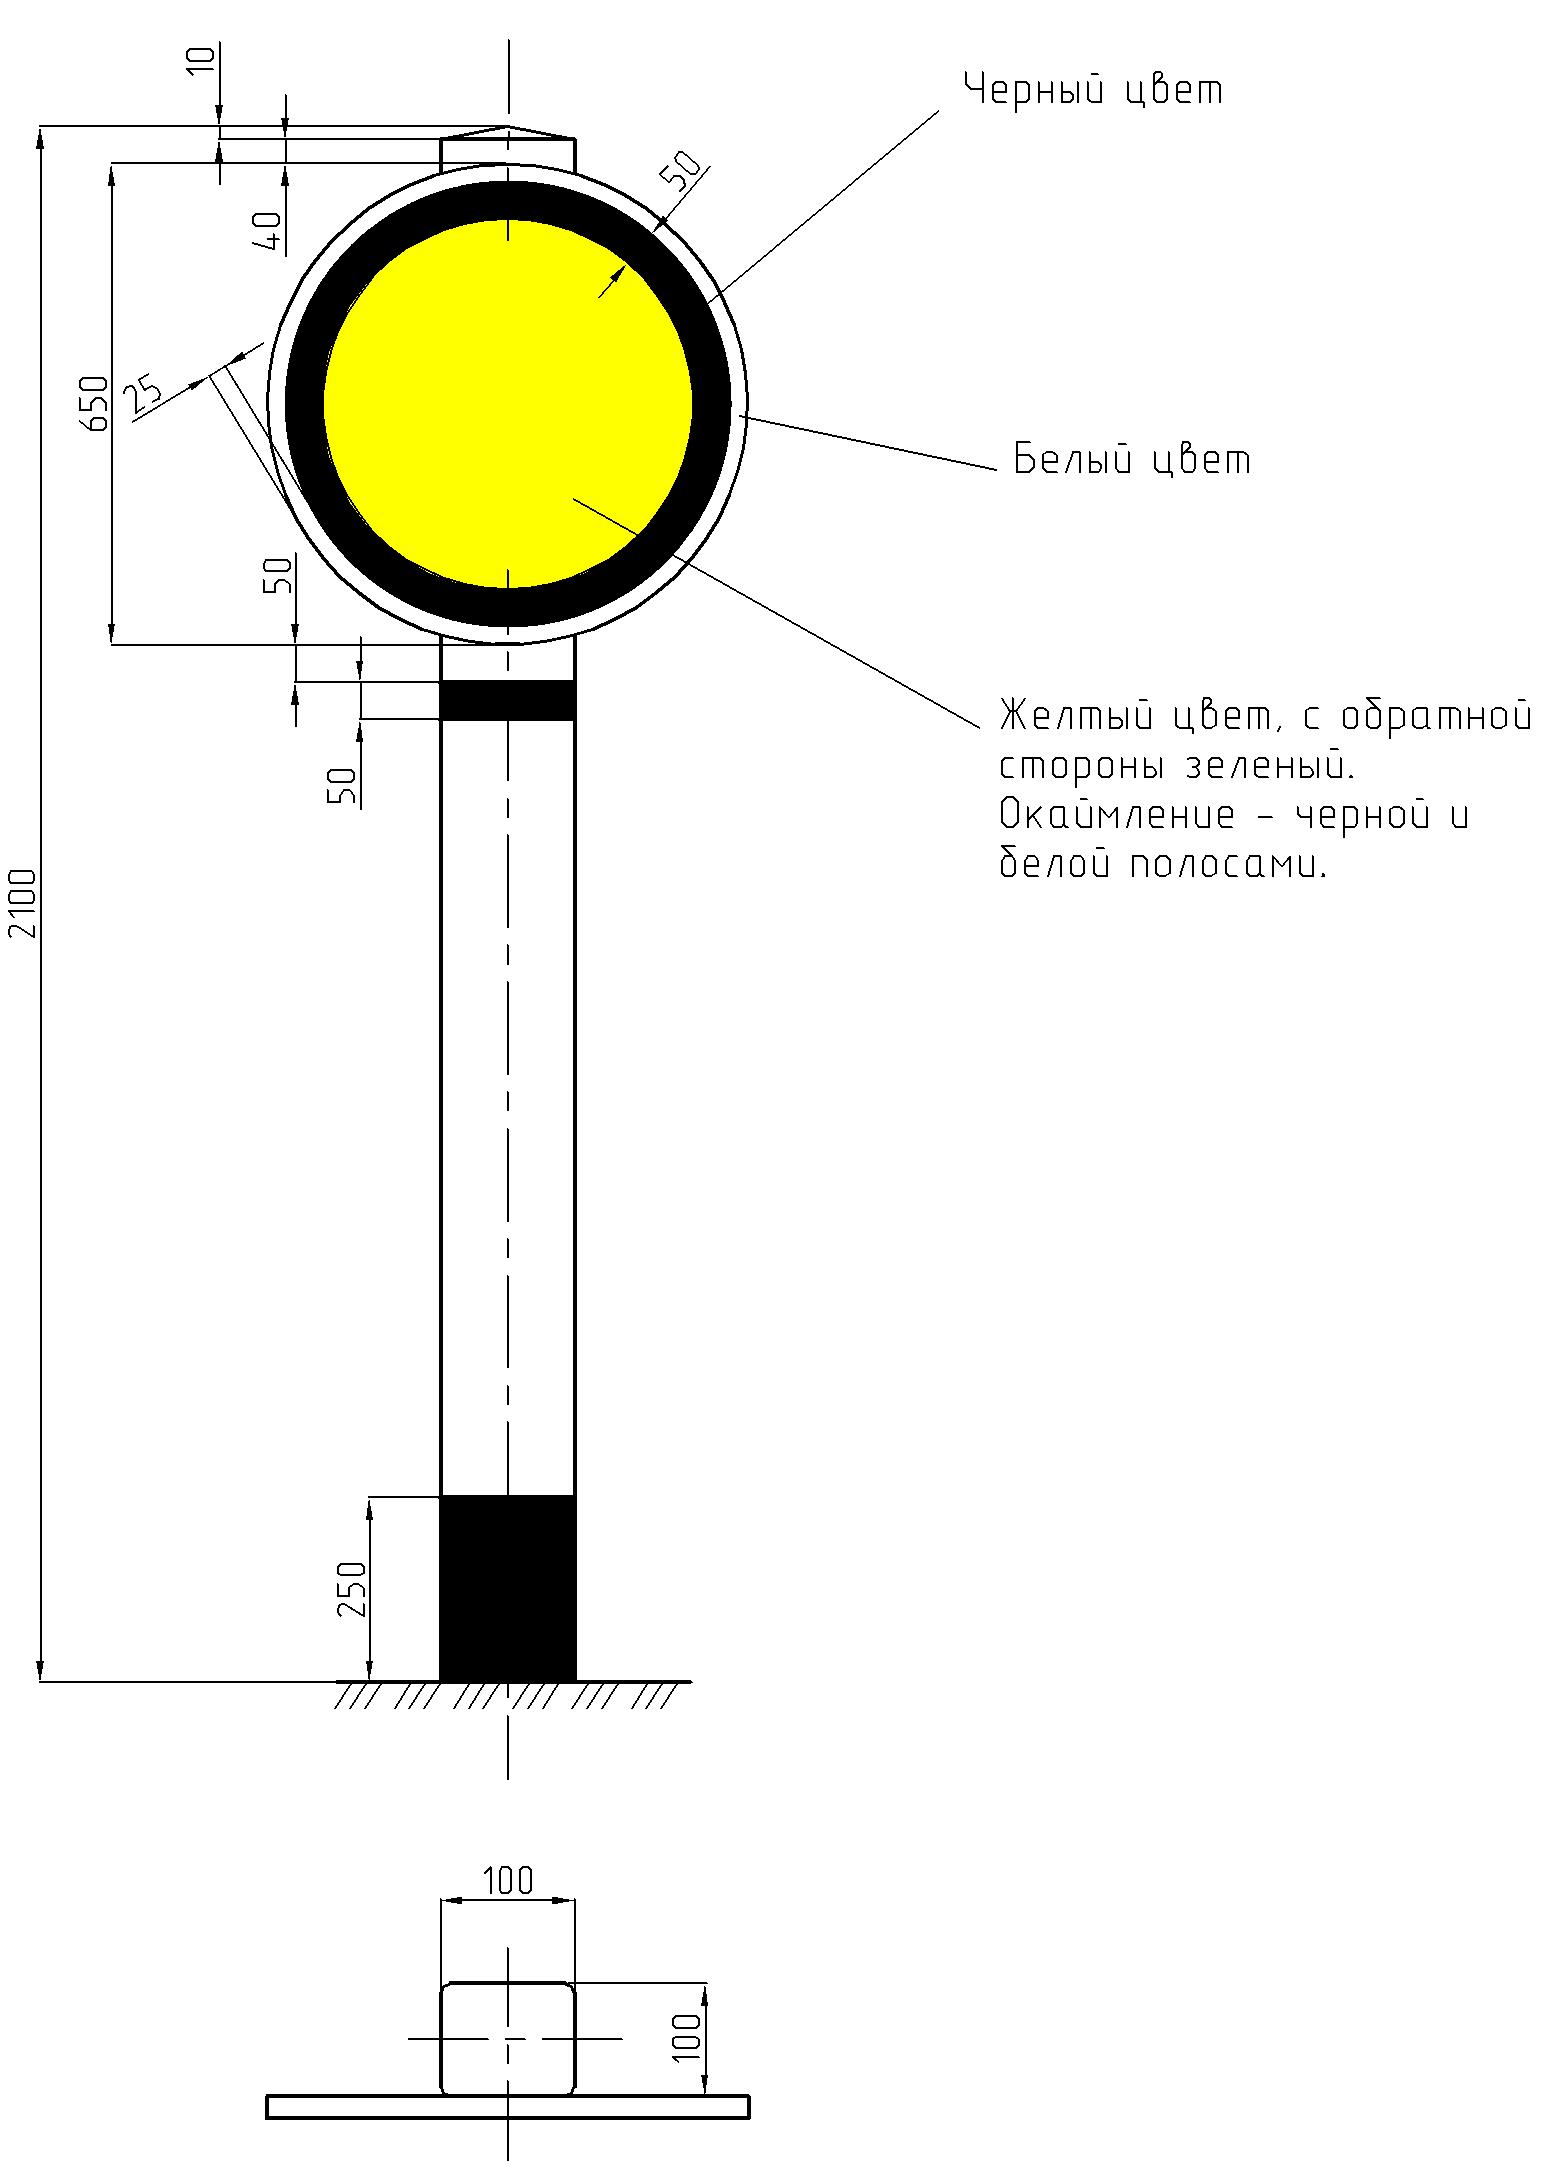 Рисунок 1. Постоянный диск уменьшения скорости